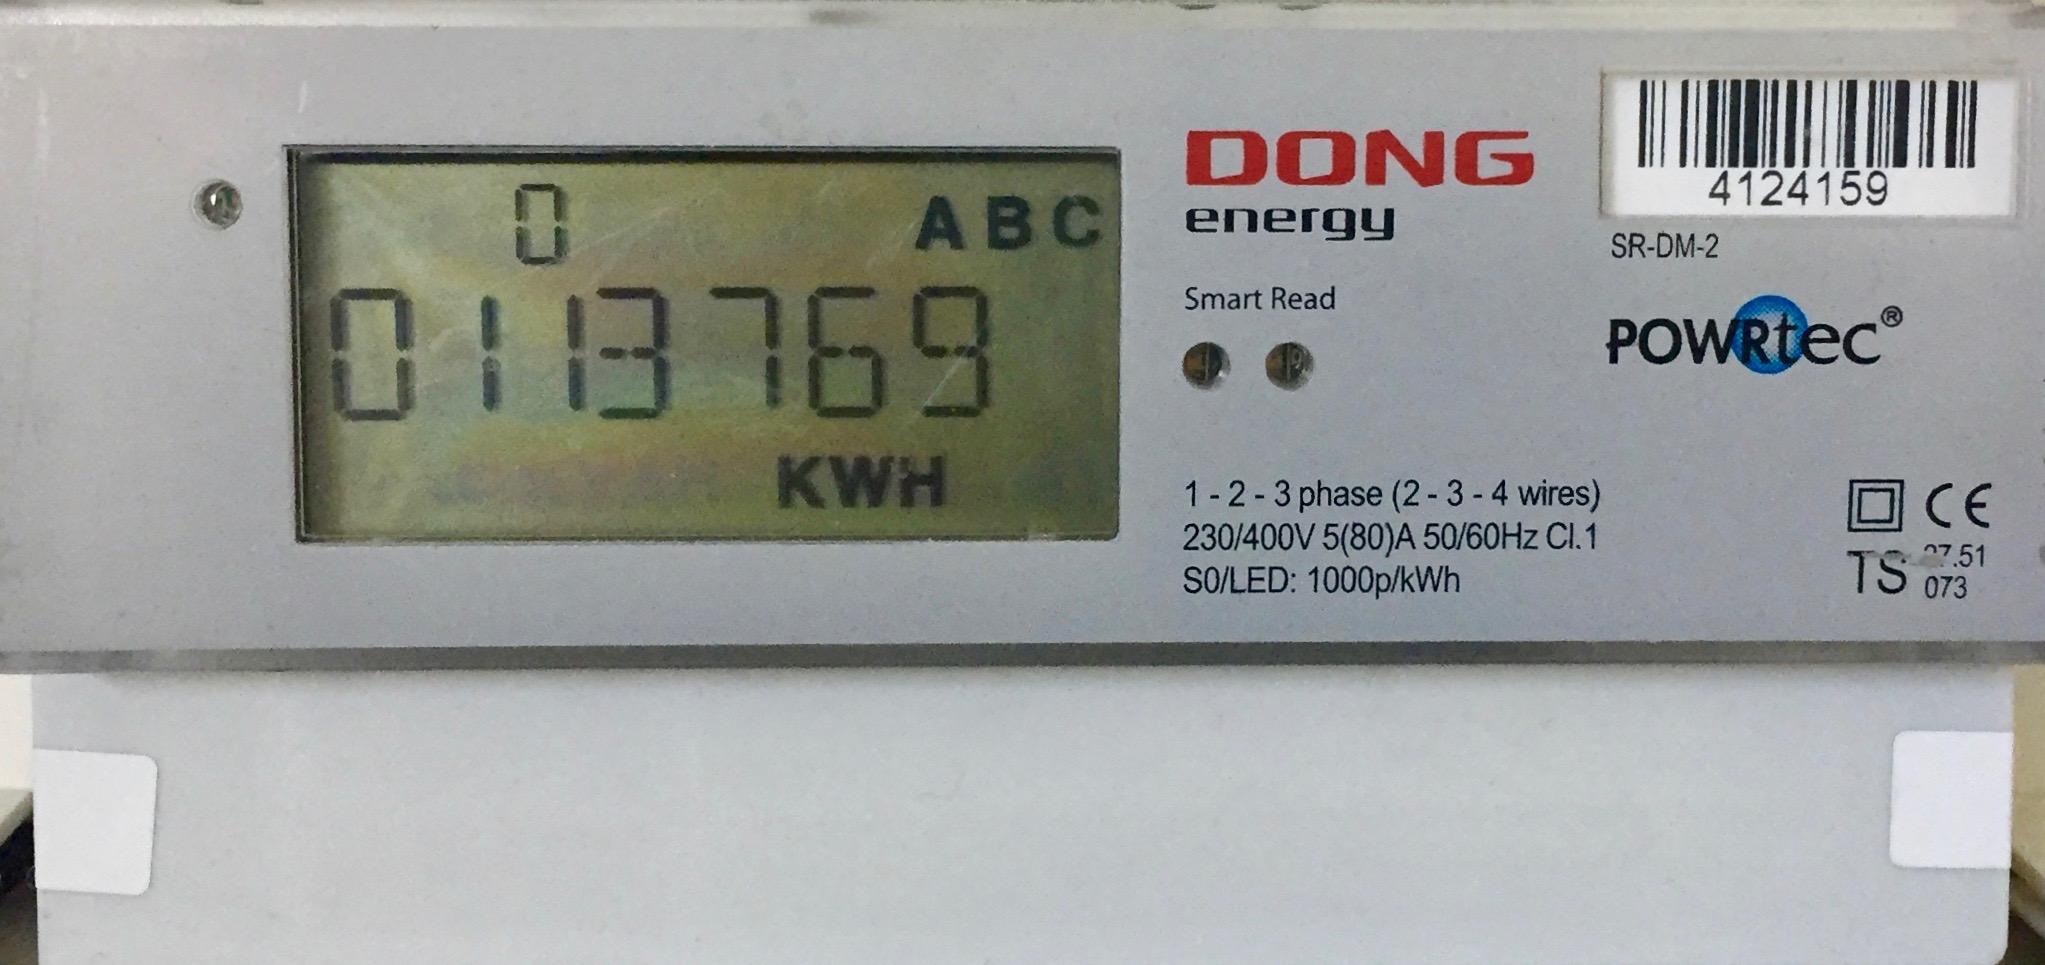 Det er Radius' leverandør Kamstrup, der står for selve udskiftningen af el-målerne. Foto: AOB